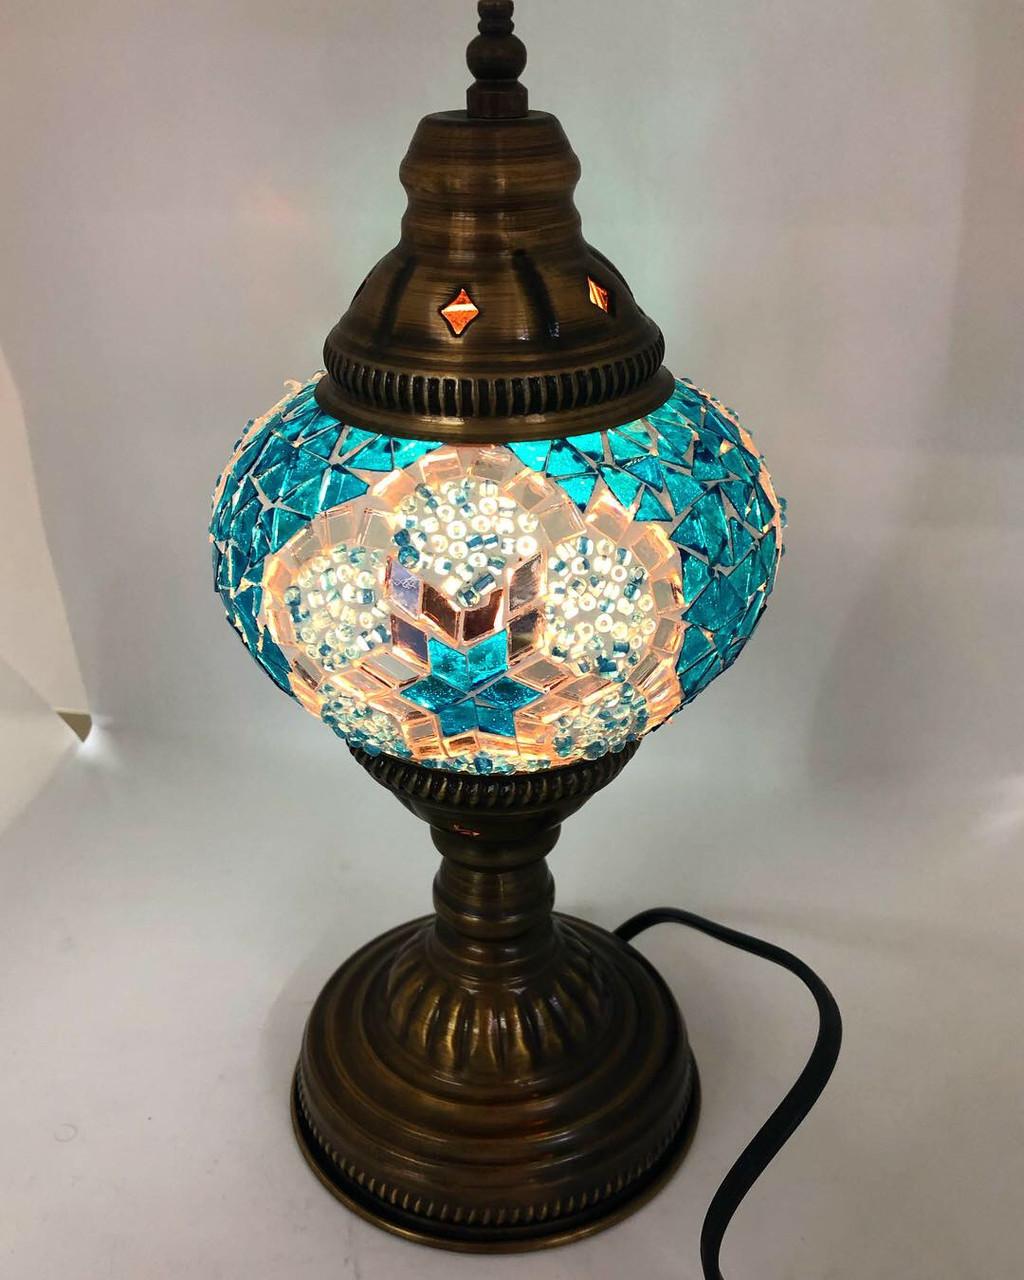 Настольный турецкий светильник Sinan из мозаики ручной работы бирюзовый